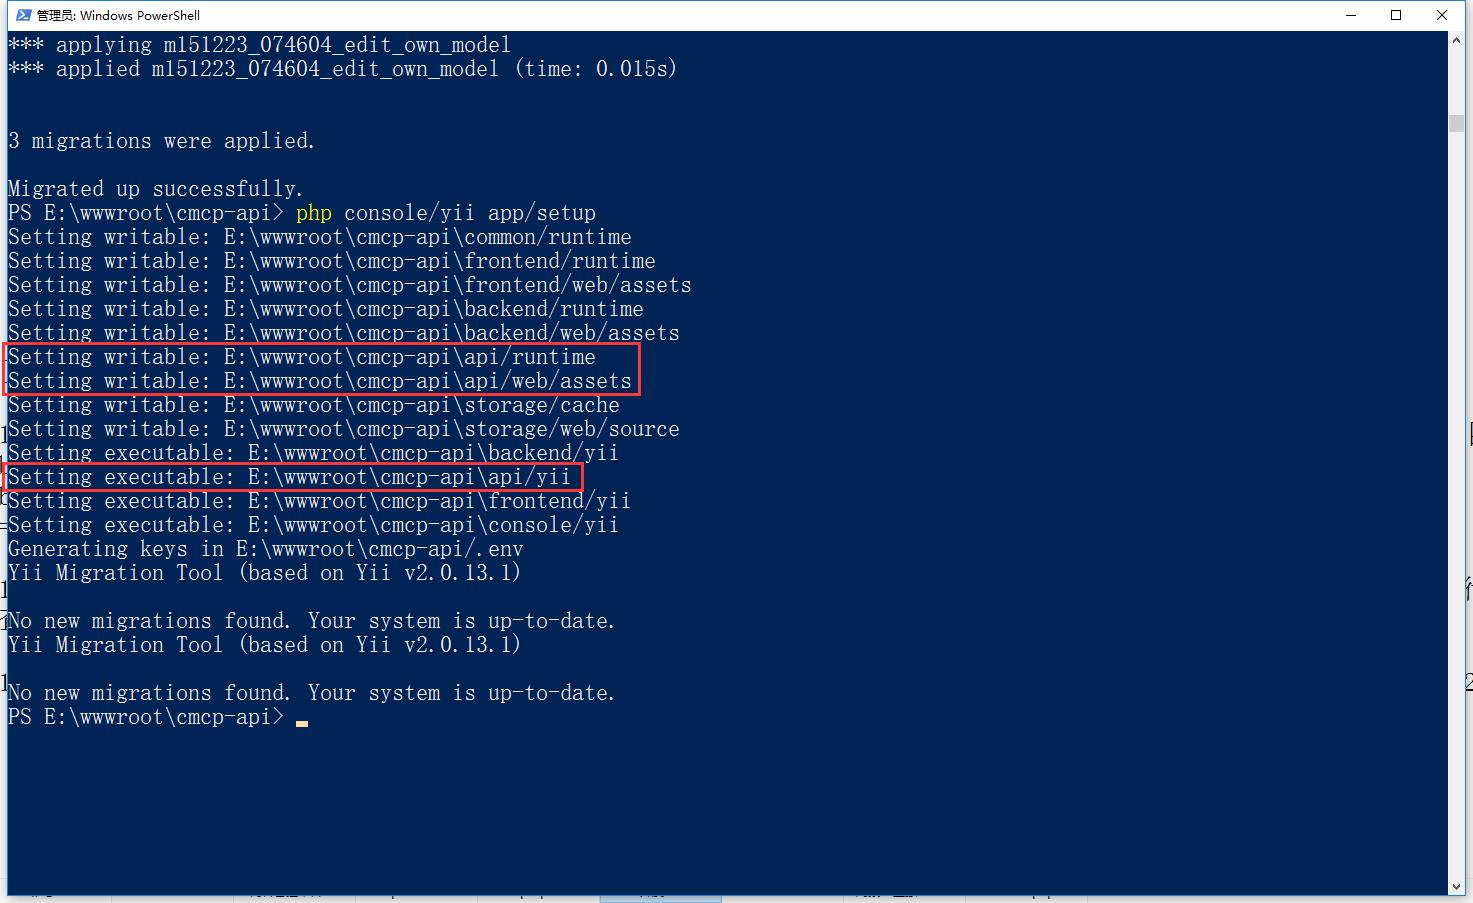 在 Windows PowerShll 中,进入 E:\wwwroot\cmcp-api 目录,再次运行命令:php console/yii app/setup,设置可写、可执行权限